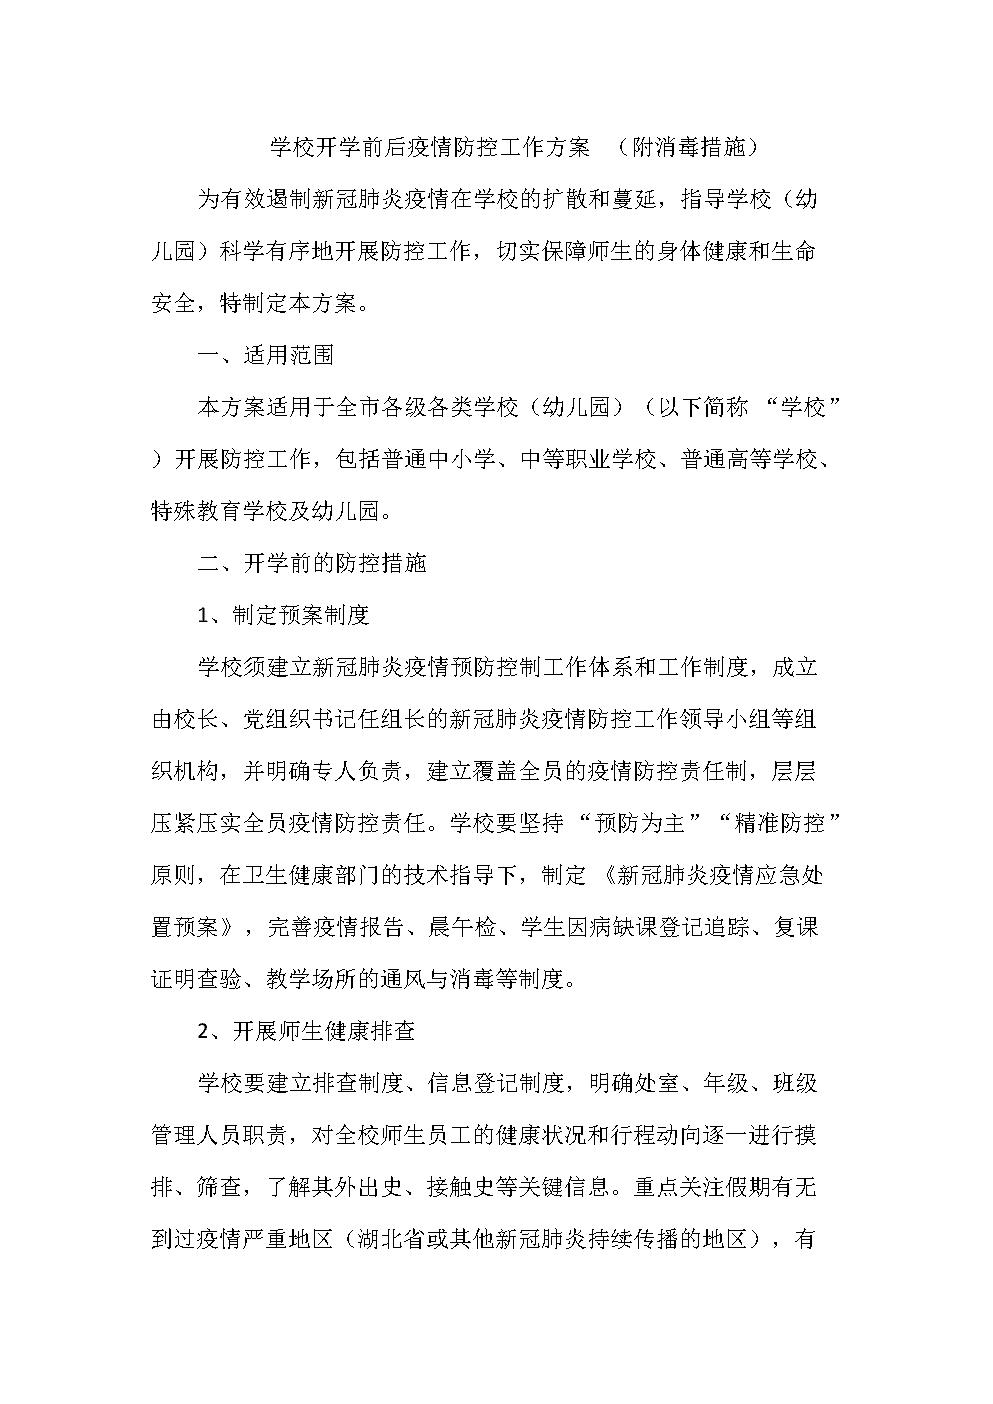 学校开学前后疫情防控工作方案 (附消毒措施).doc